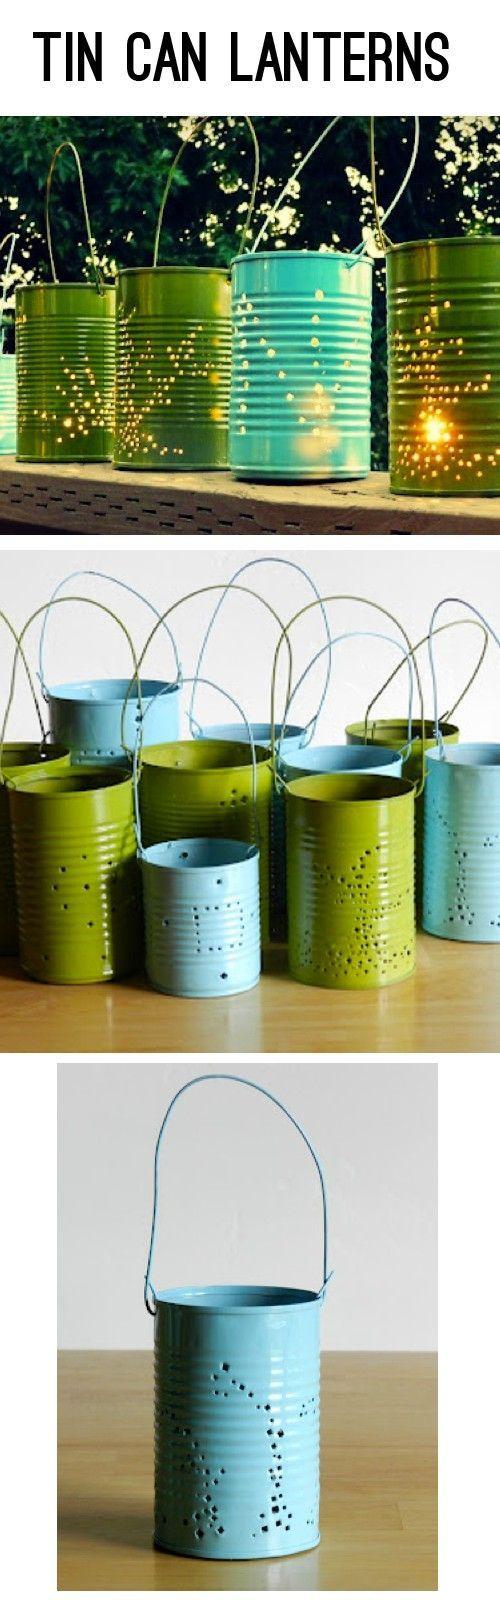 13 idées fantastiques de recyclage dans le jardin